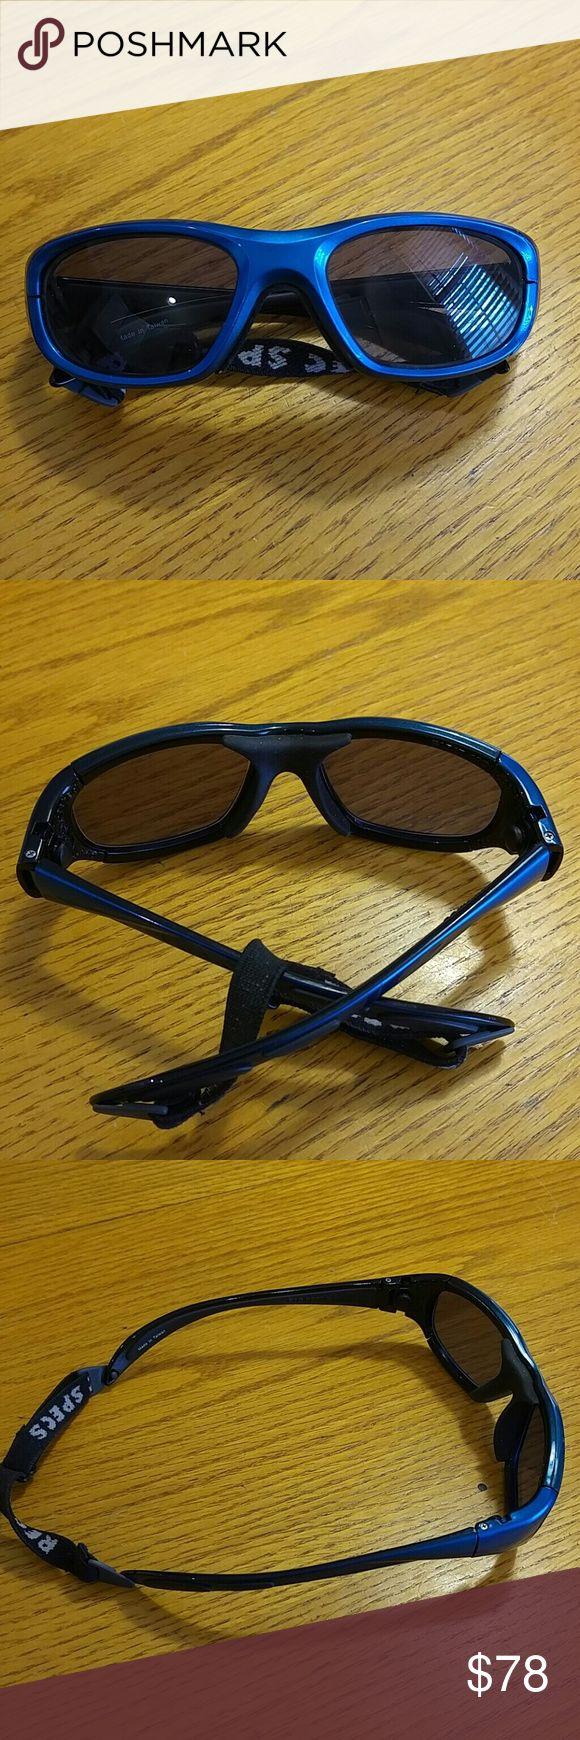 REC Specs Maxx sunglasses Kids age 7 and up Rec Specs Maxx  Accessories Sunglasses